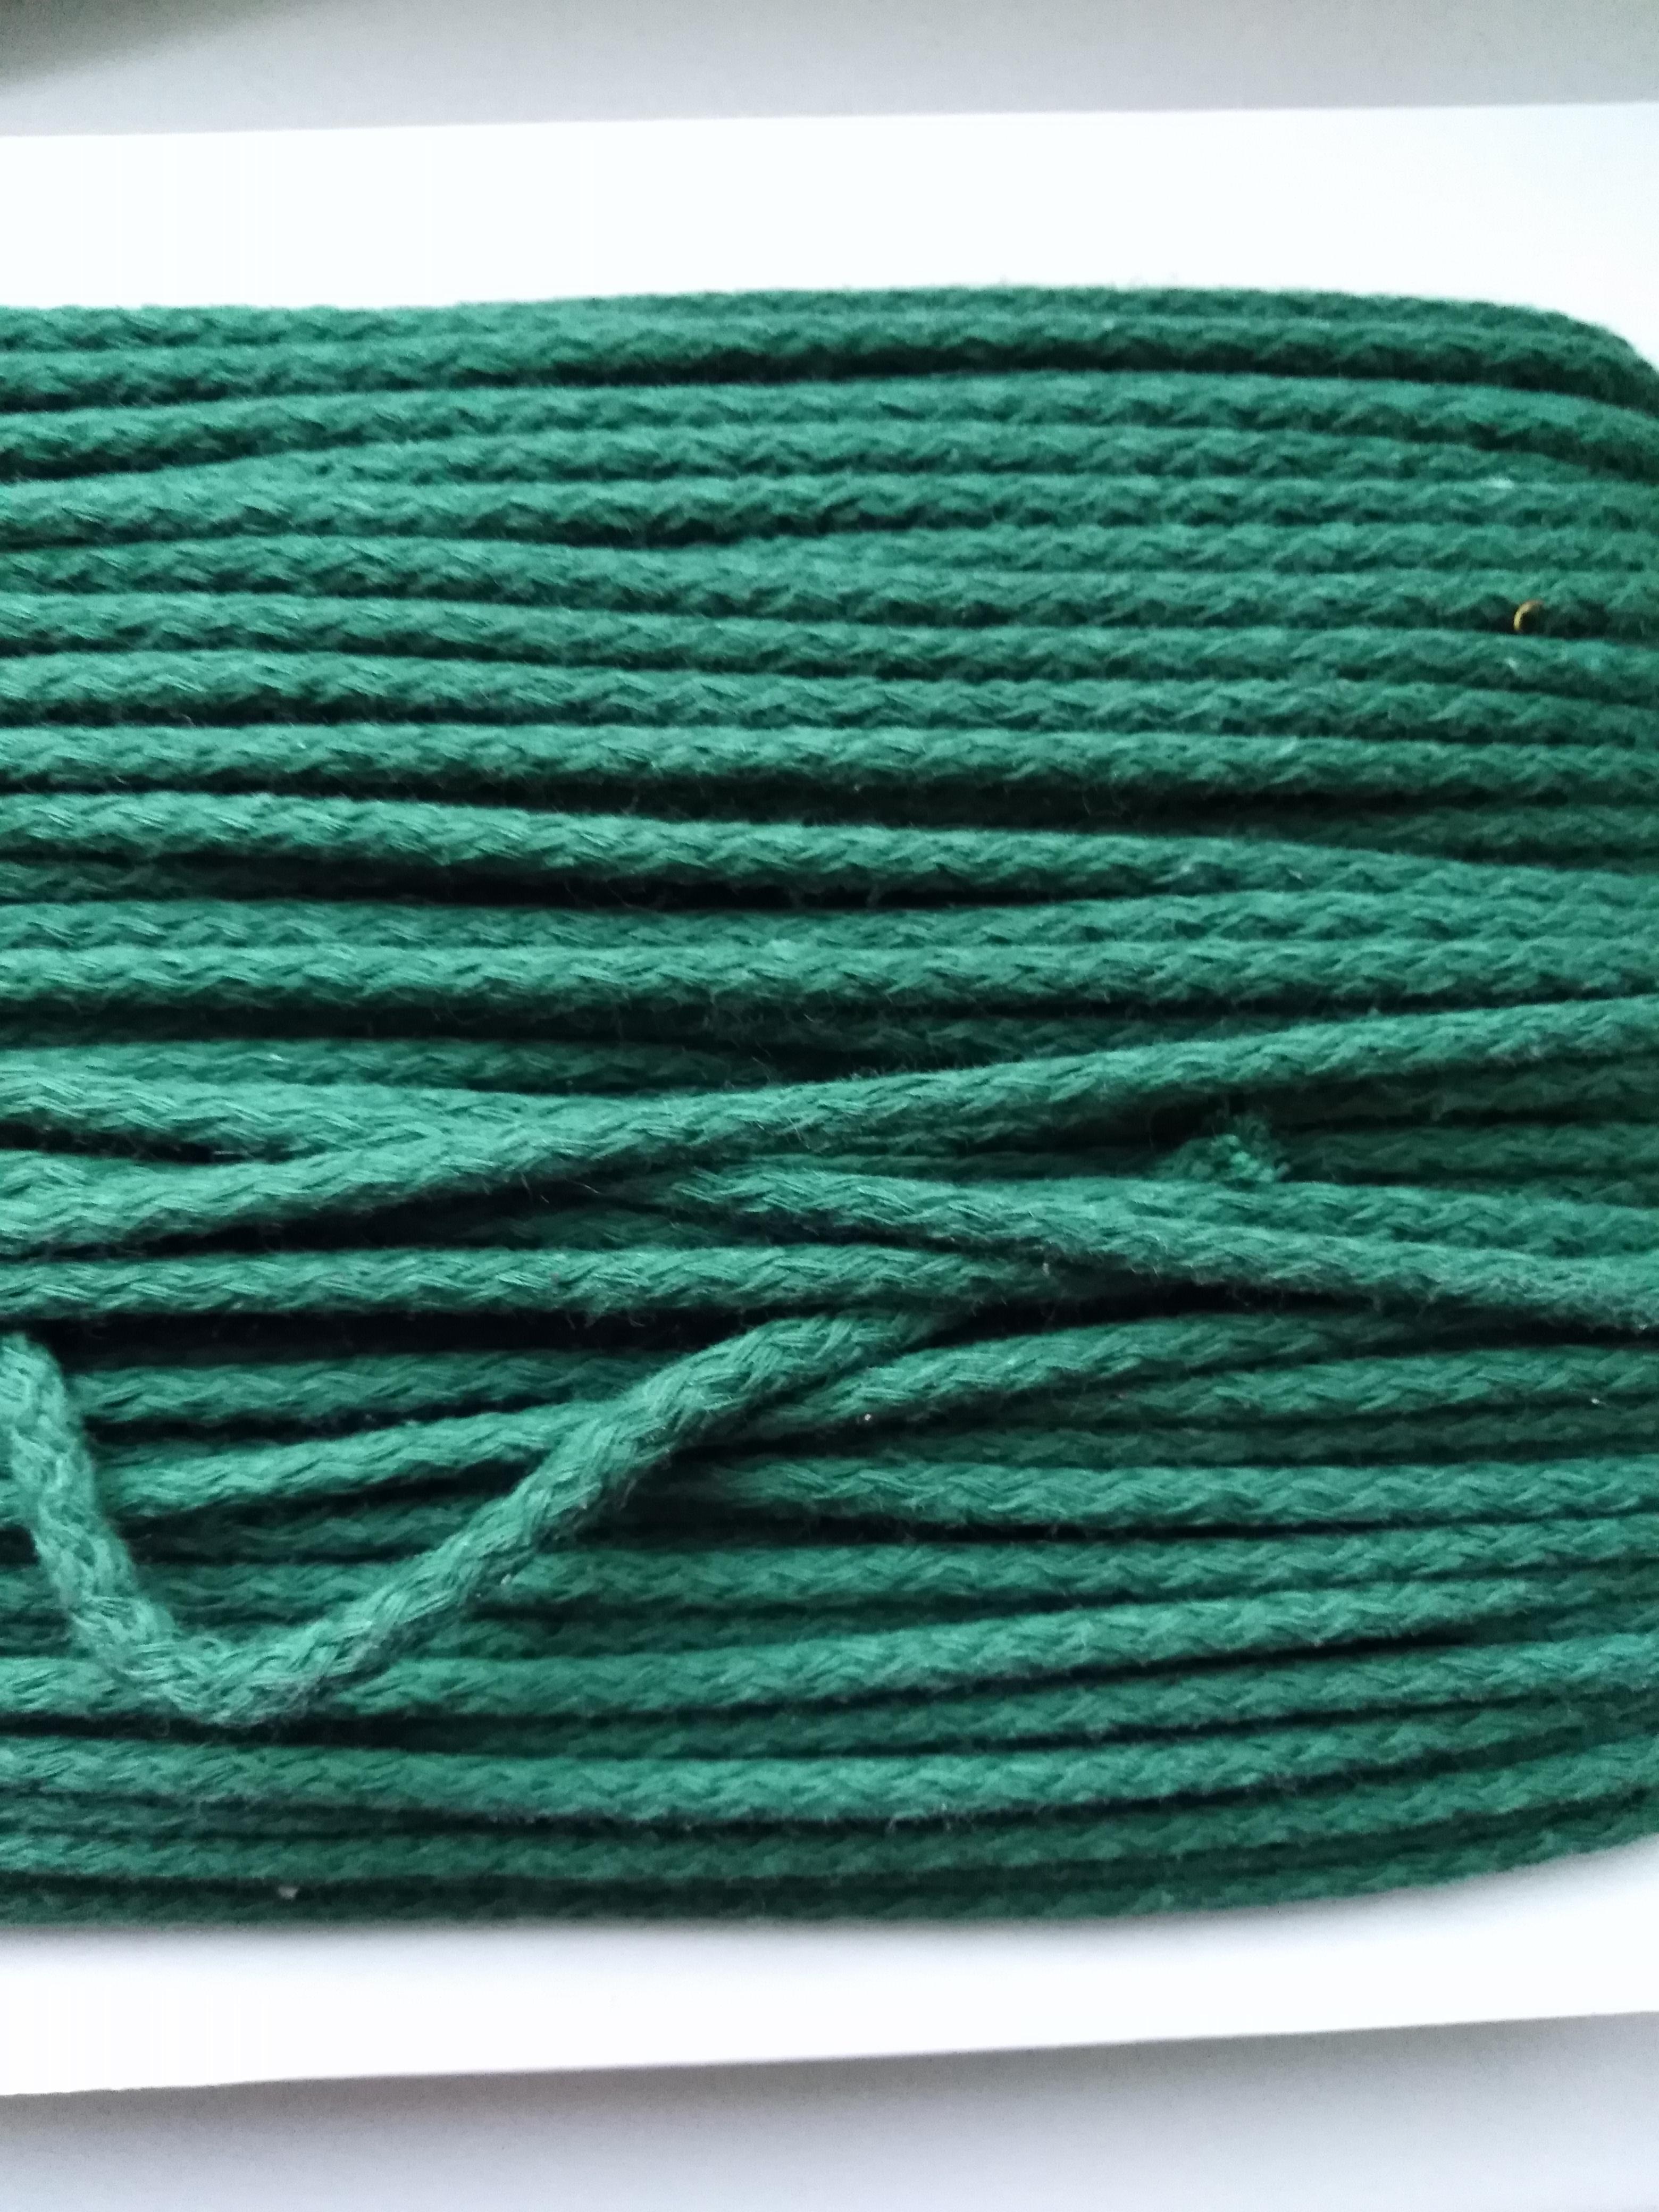 Šňůra oděvní bavlněná 4 mm zelená